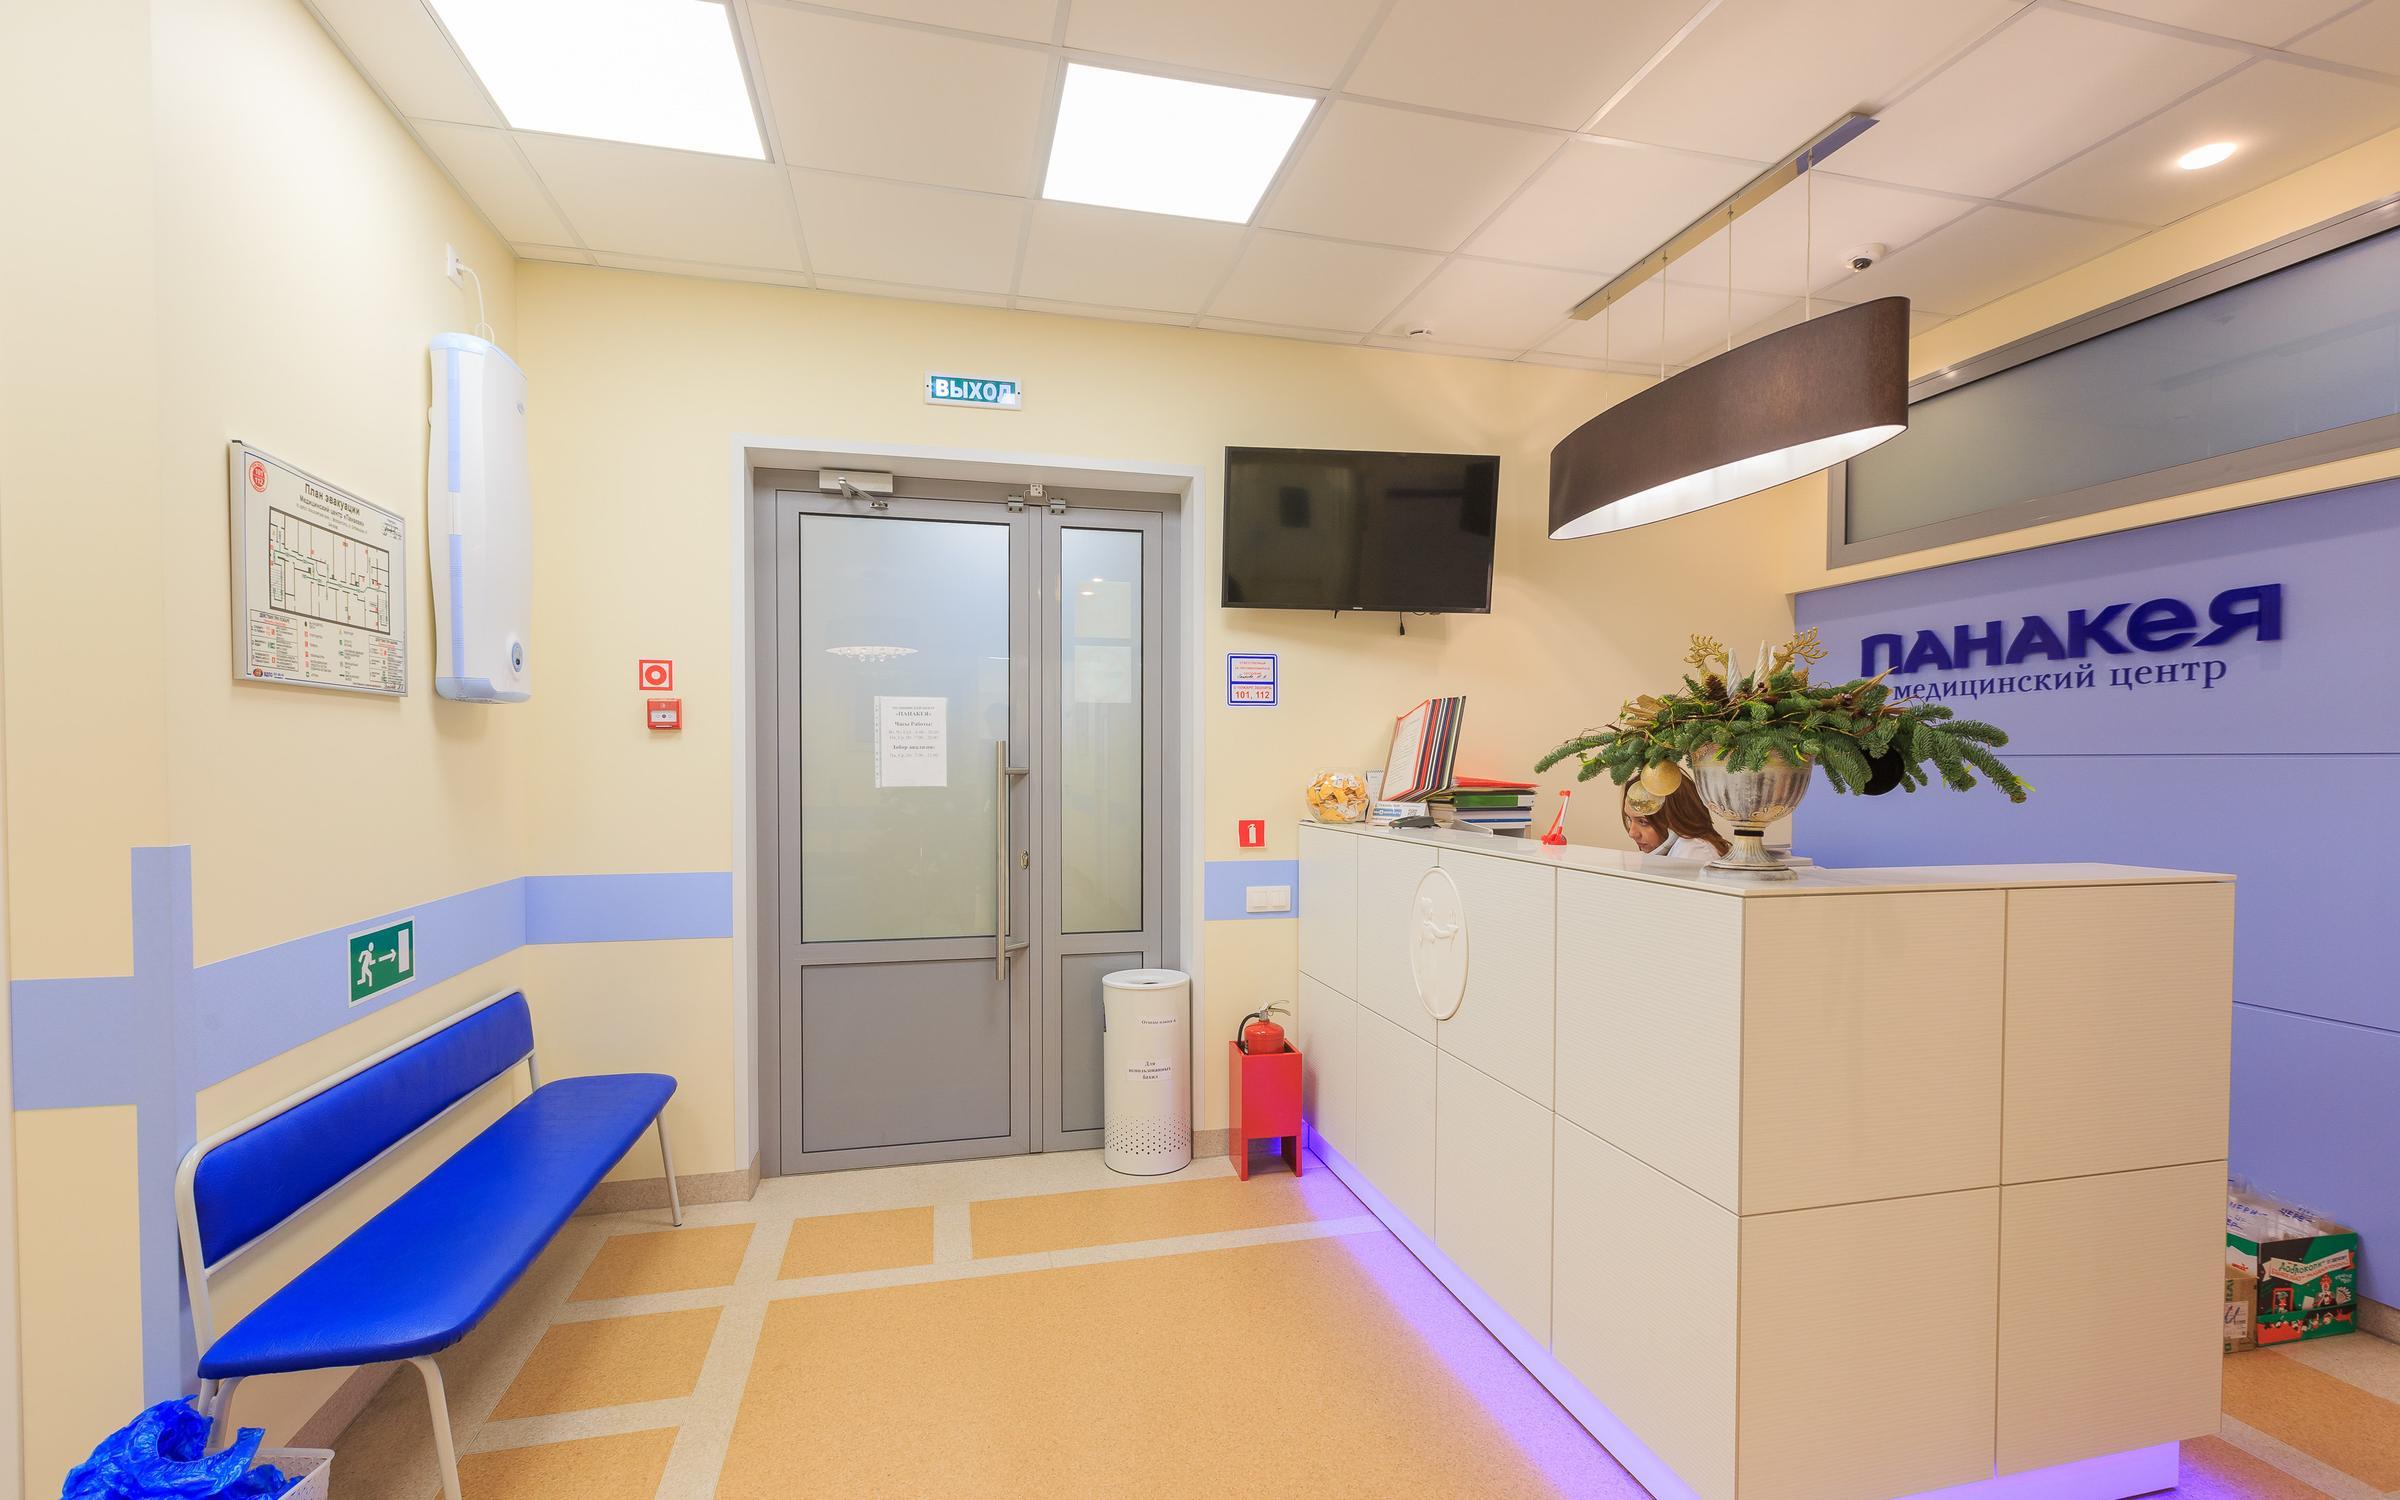 фотография Медицинского центра Панакея на Октябрьской улице в Железногорске